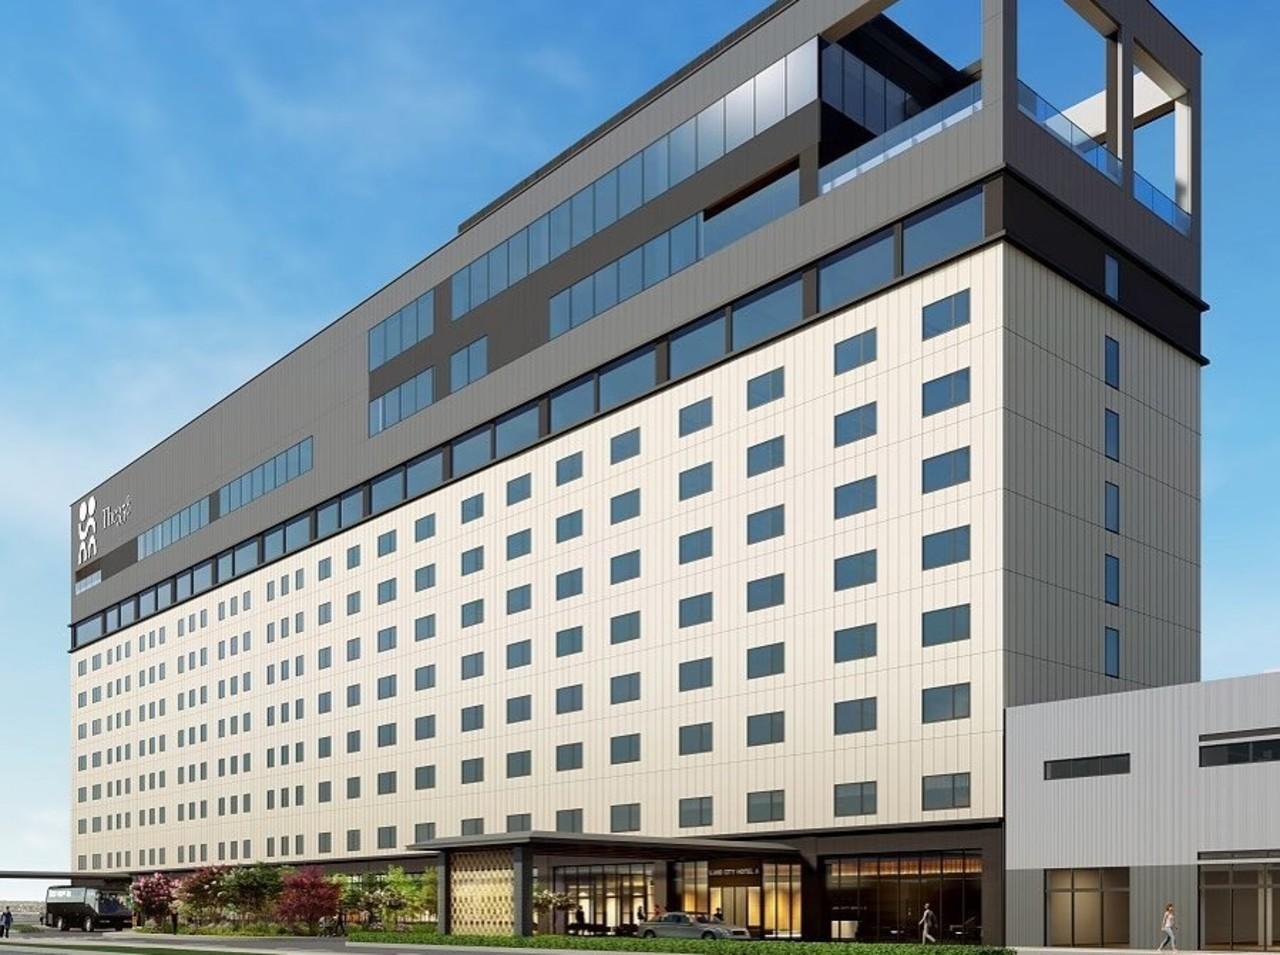 福岡県福岡市東区のホテル『The358 SORA UMI』11/25GrandOpen